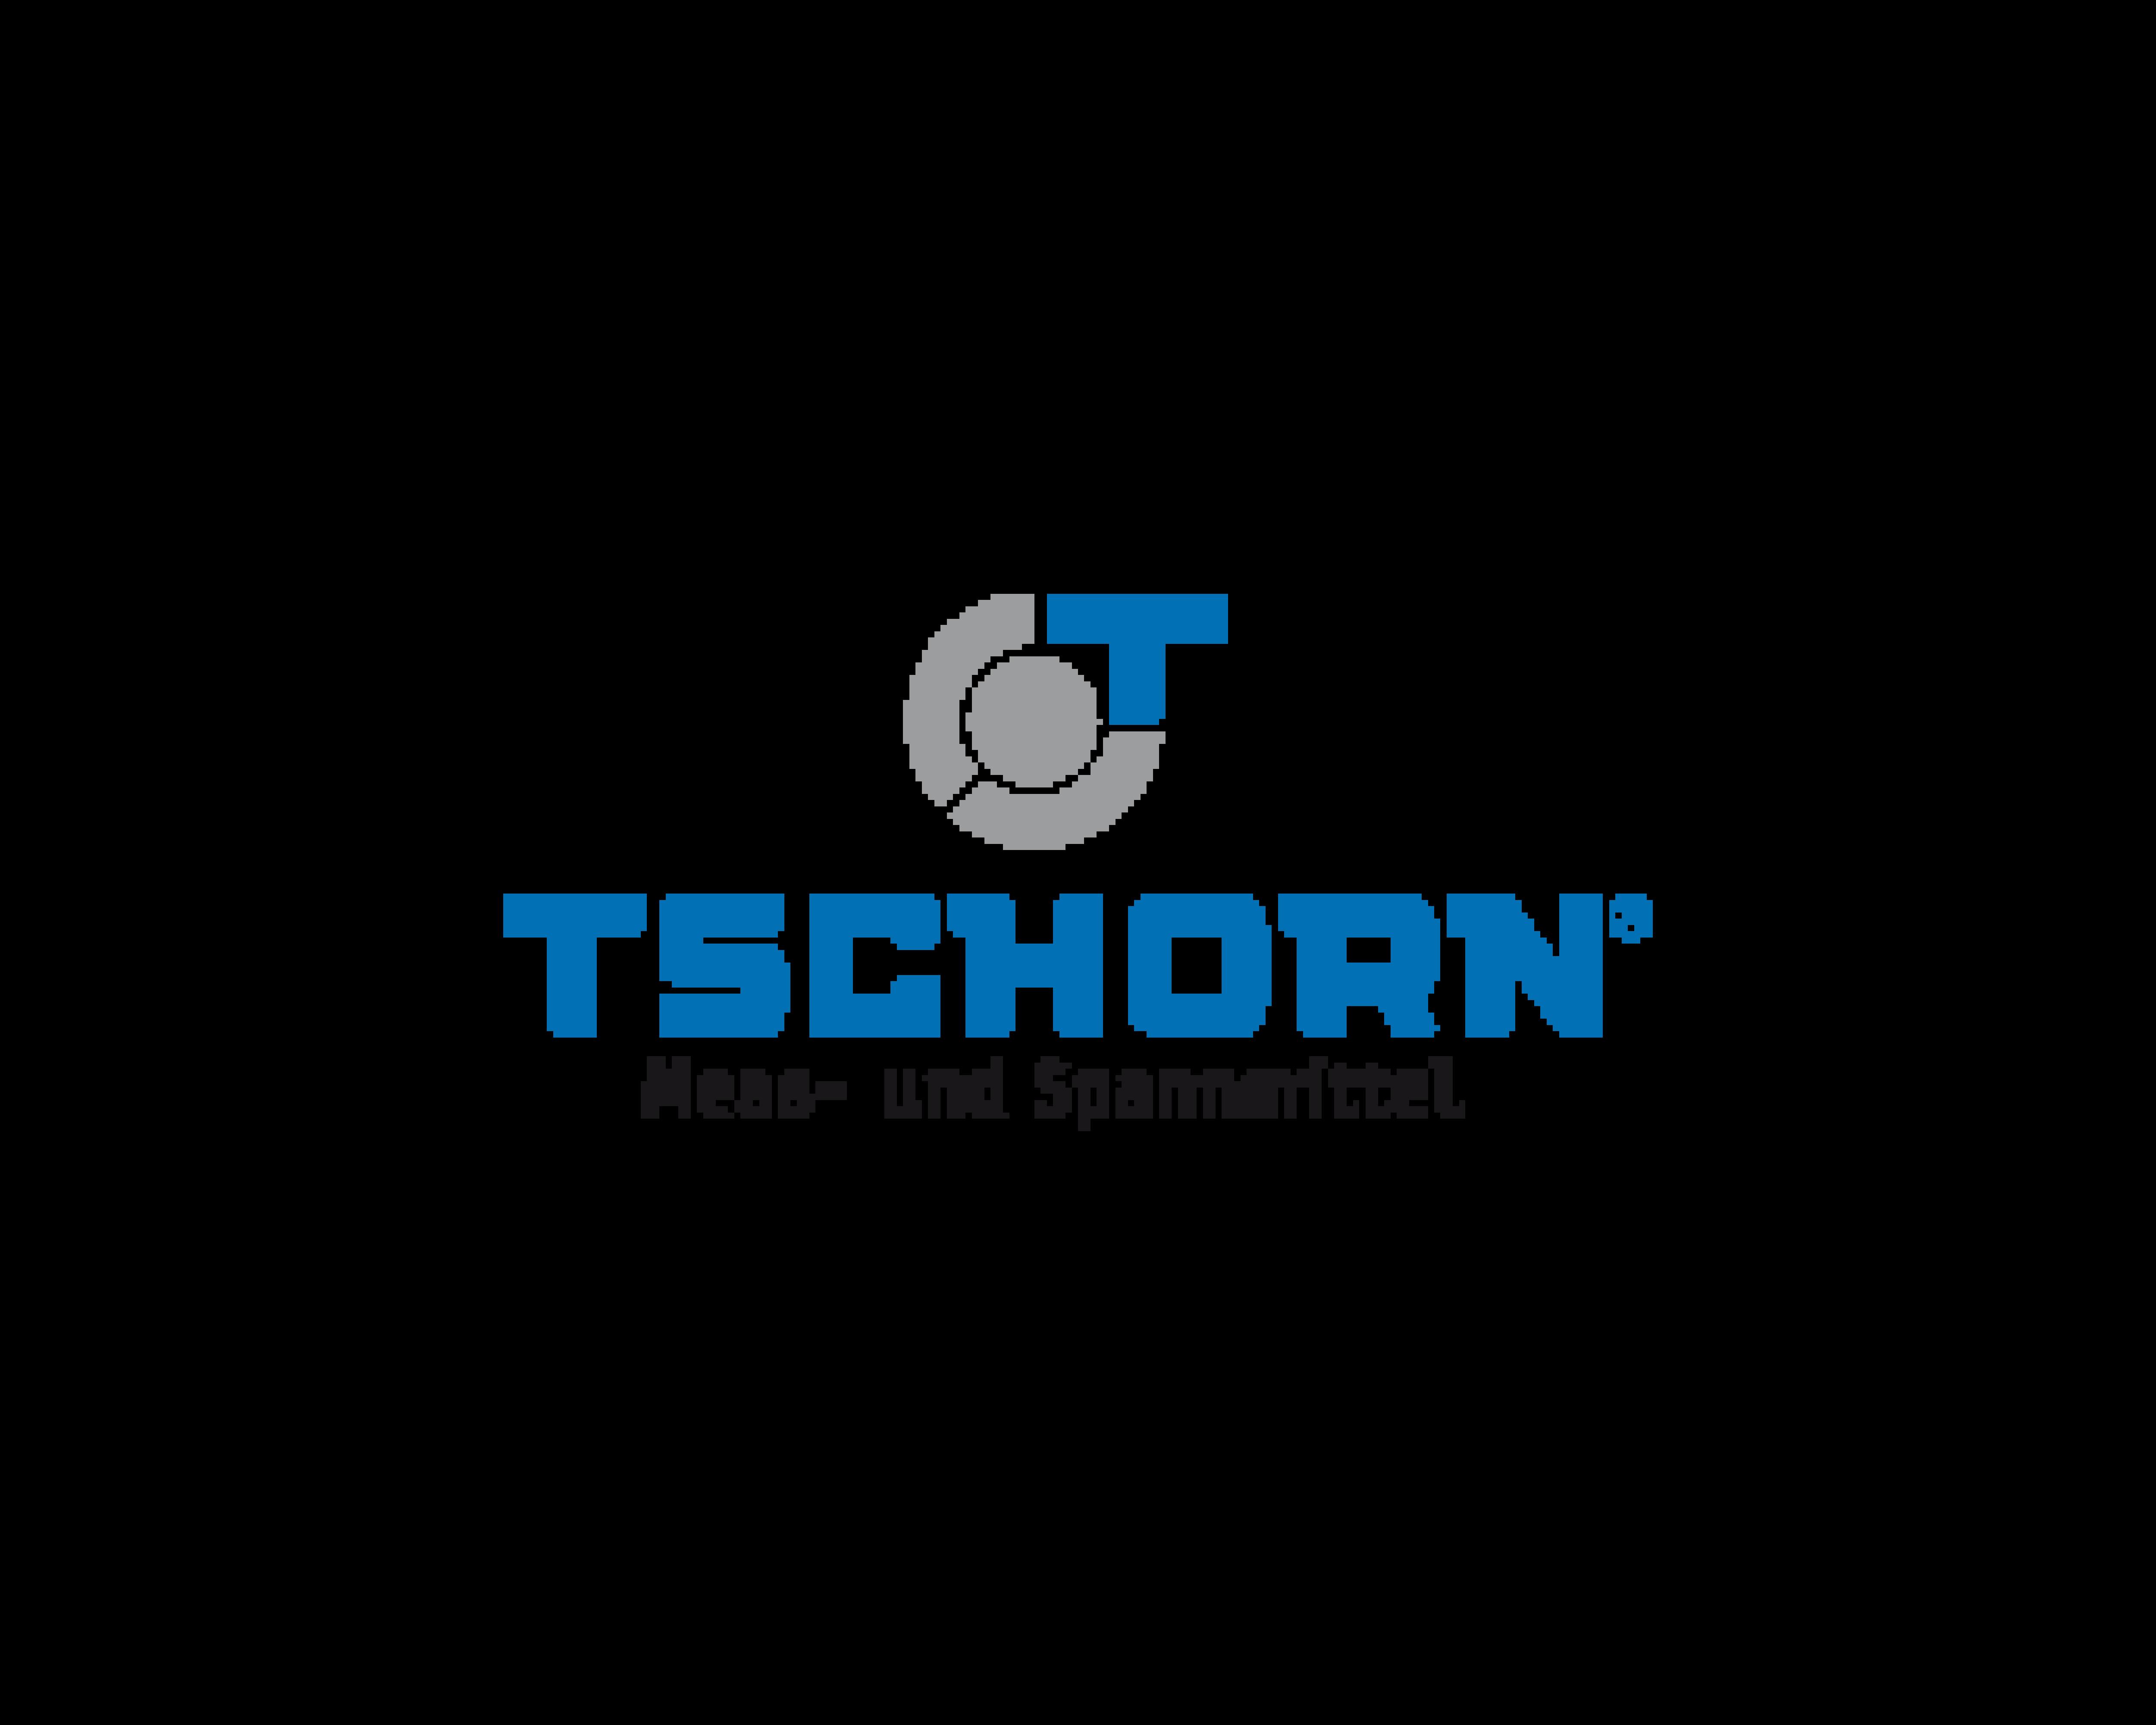 Logo Tschorn